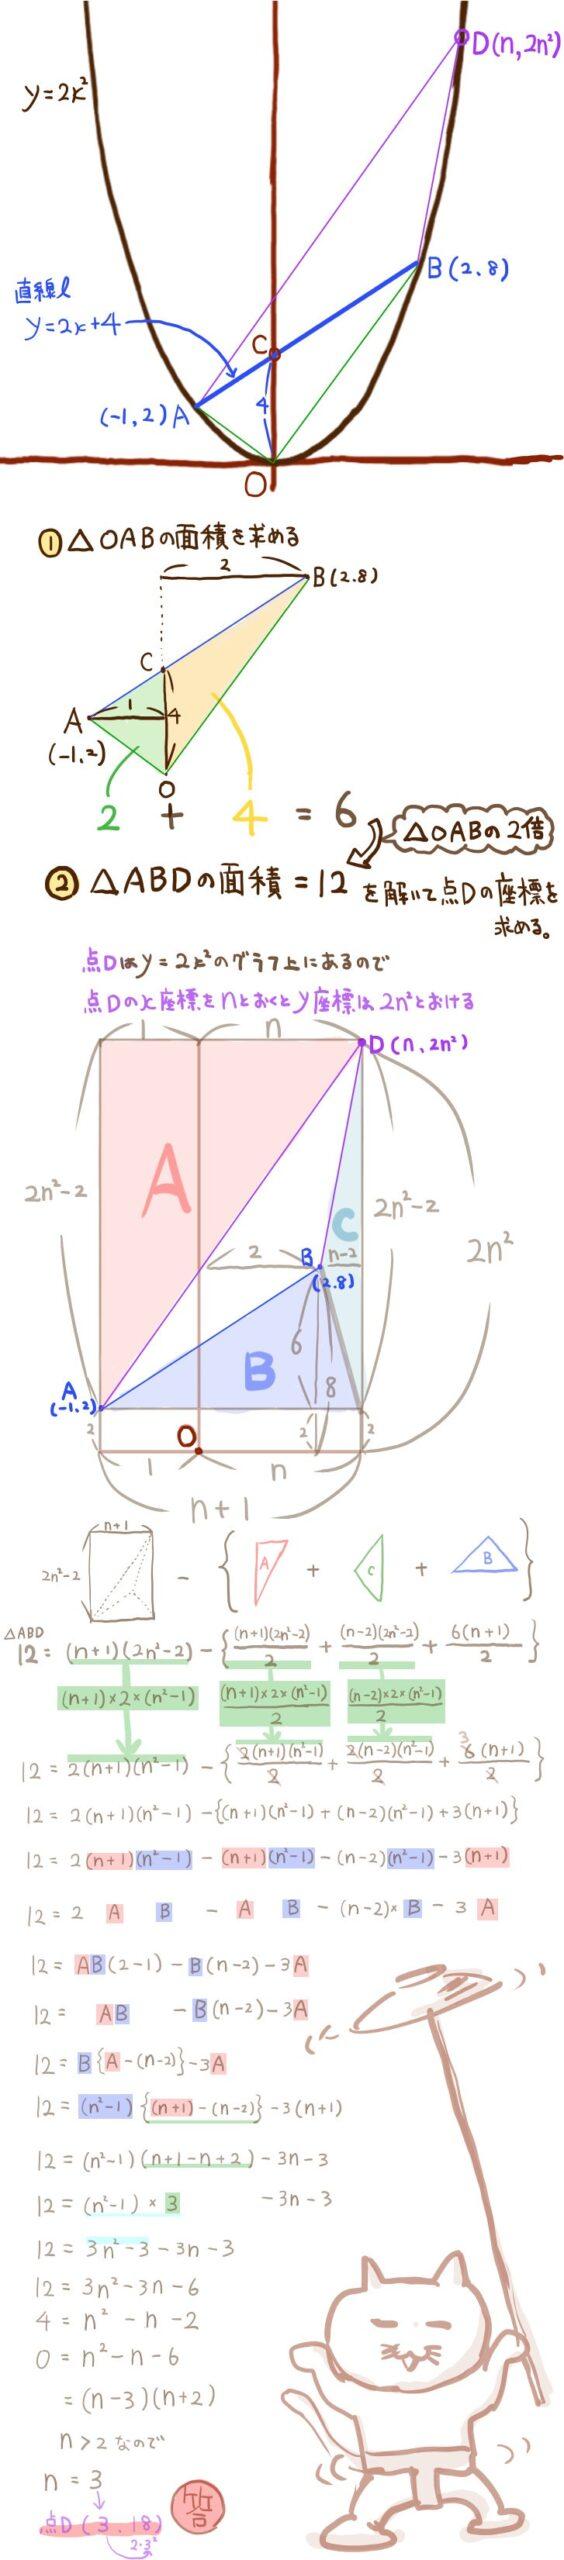 二次関数のグラフと直線の問題の解説